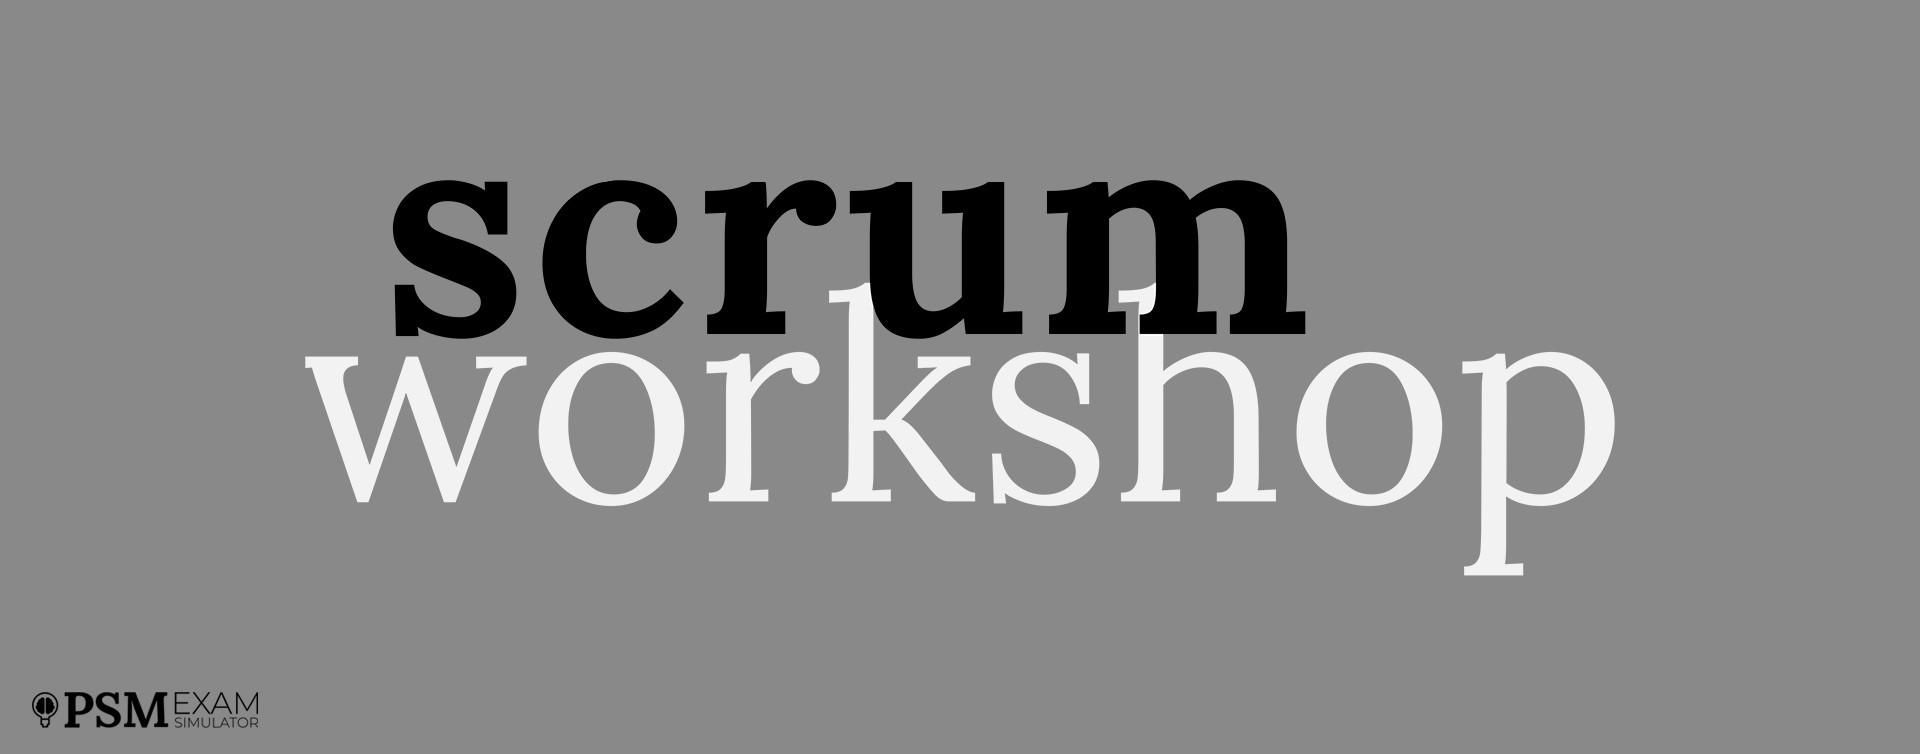 Scrum Workshop PowerPoint, gratis para ti